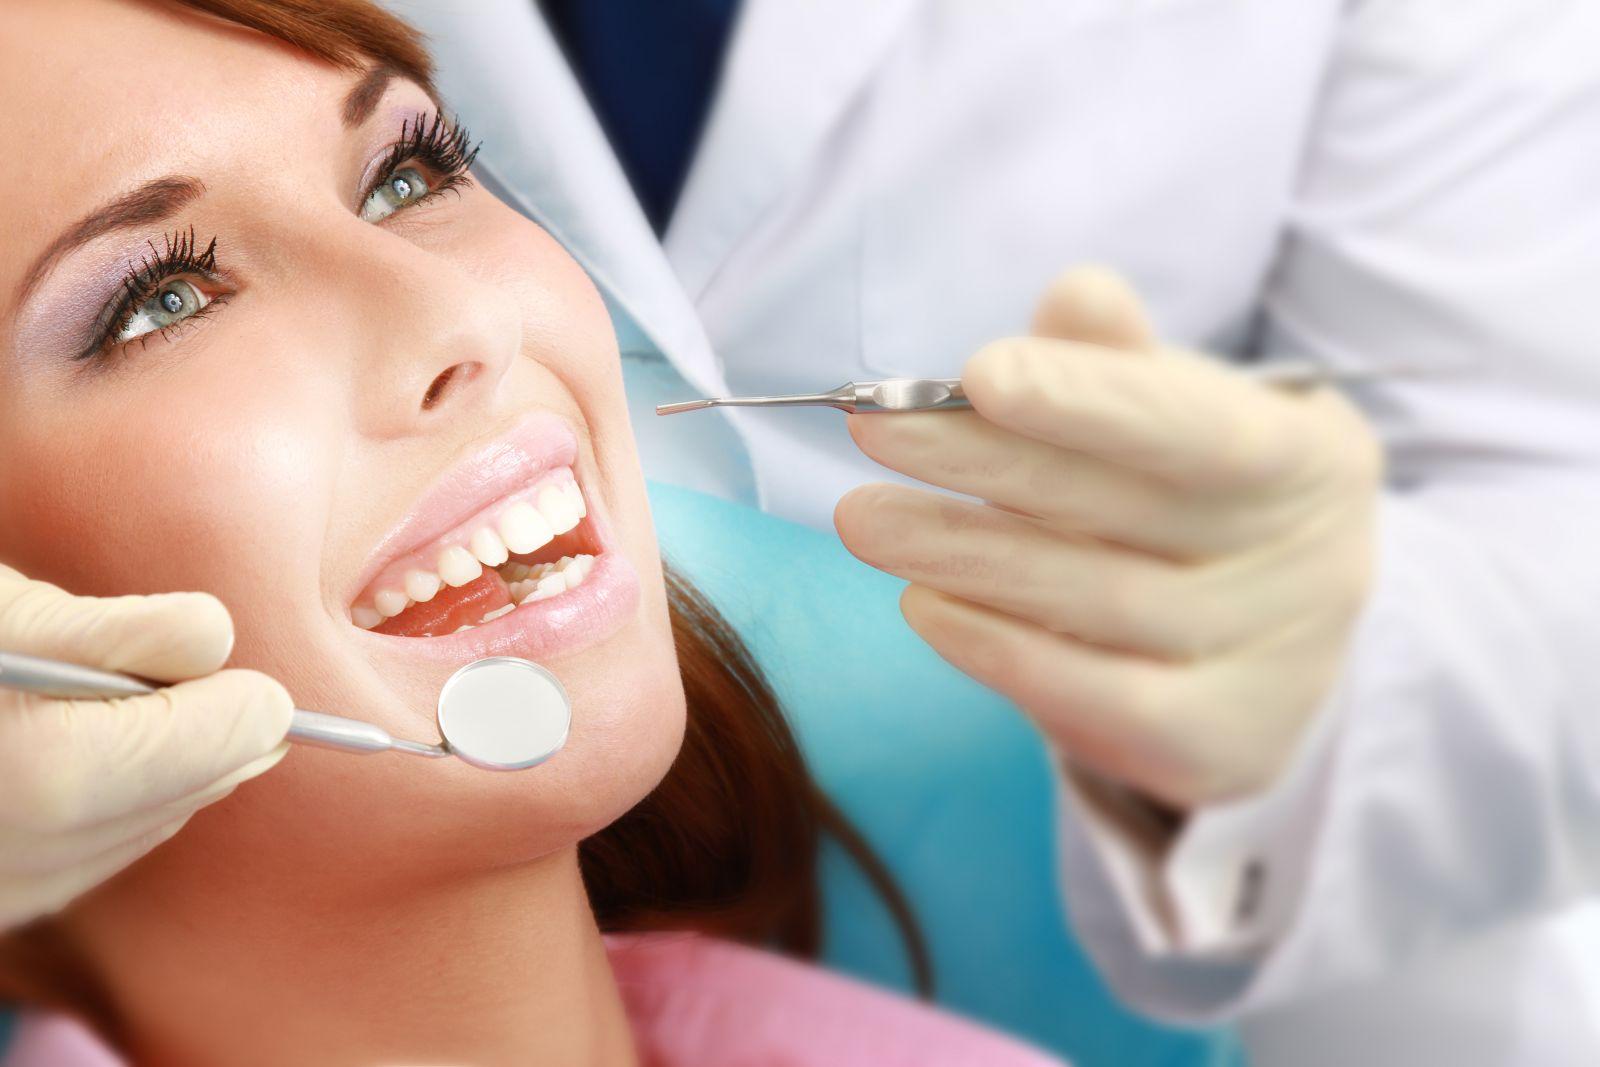 Стоматология. В чем заключается эстетическая стоматология